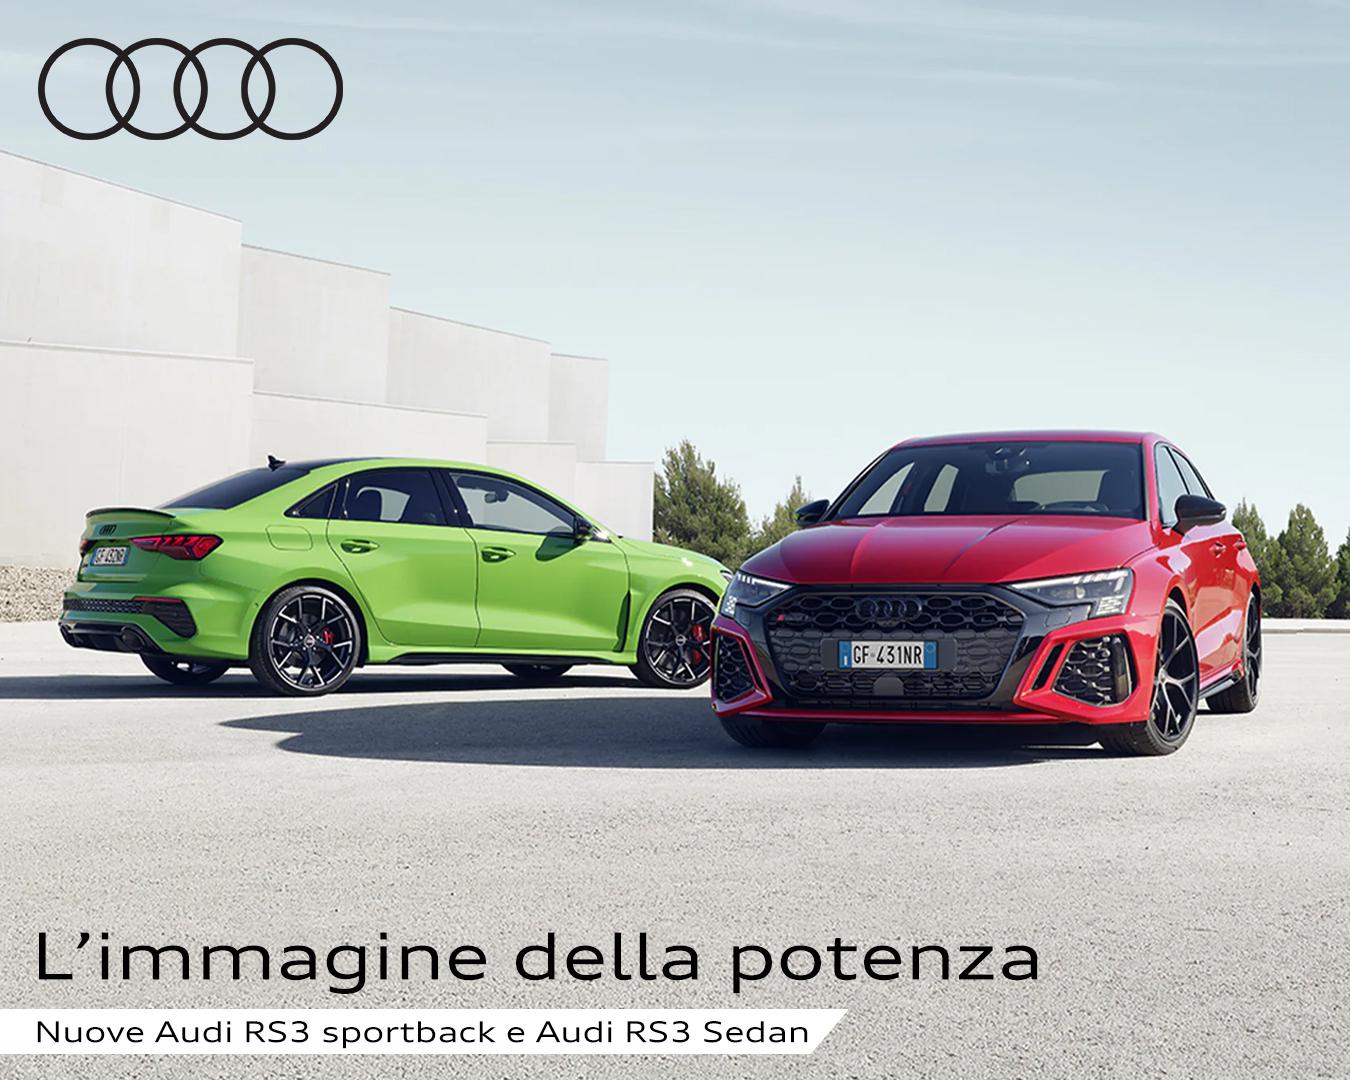 Nuove Audi RS3 sportback e Audi RS3 sedan